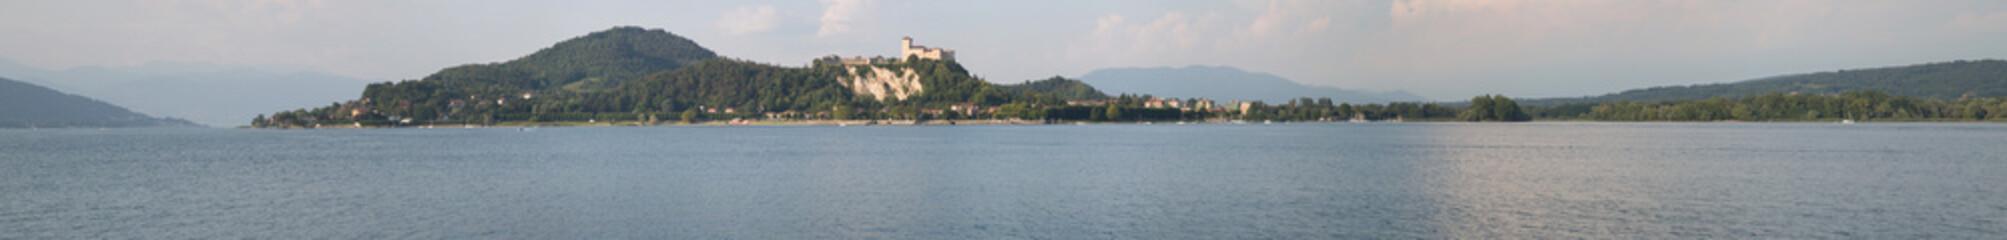 Lago Maggiore, Arona panorama rocca Angera